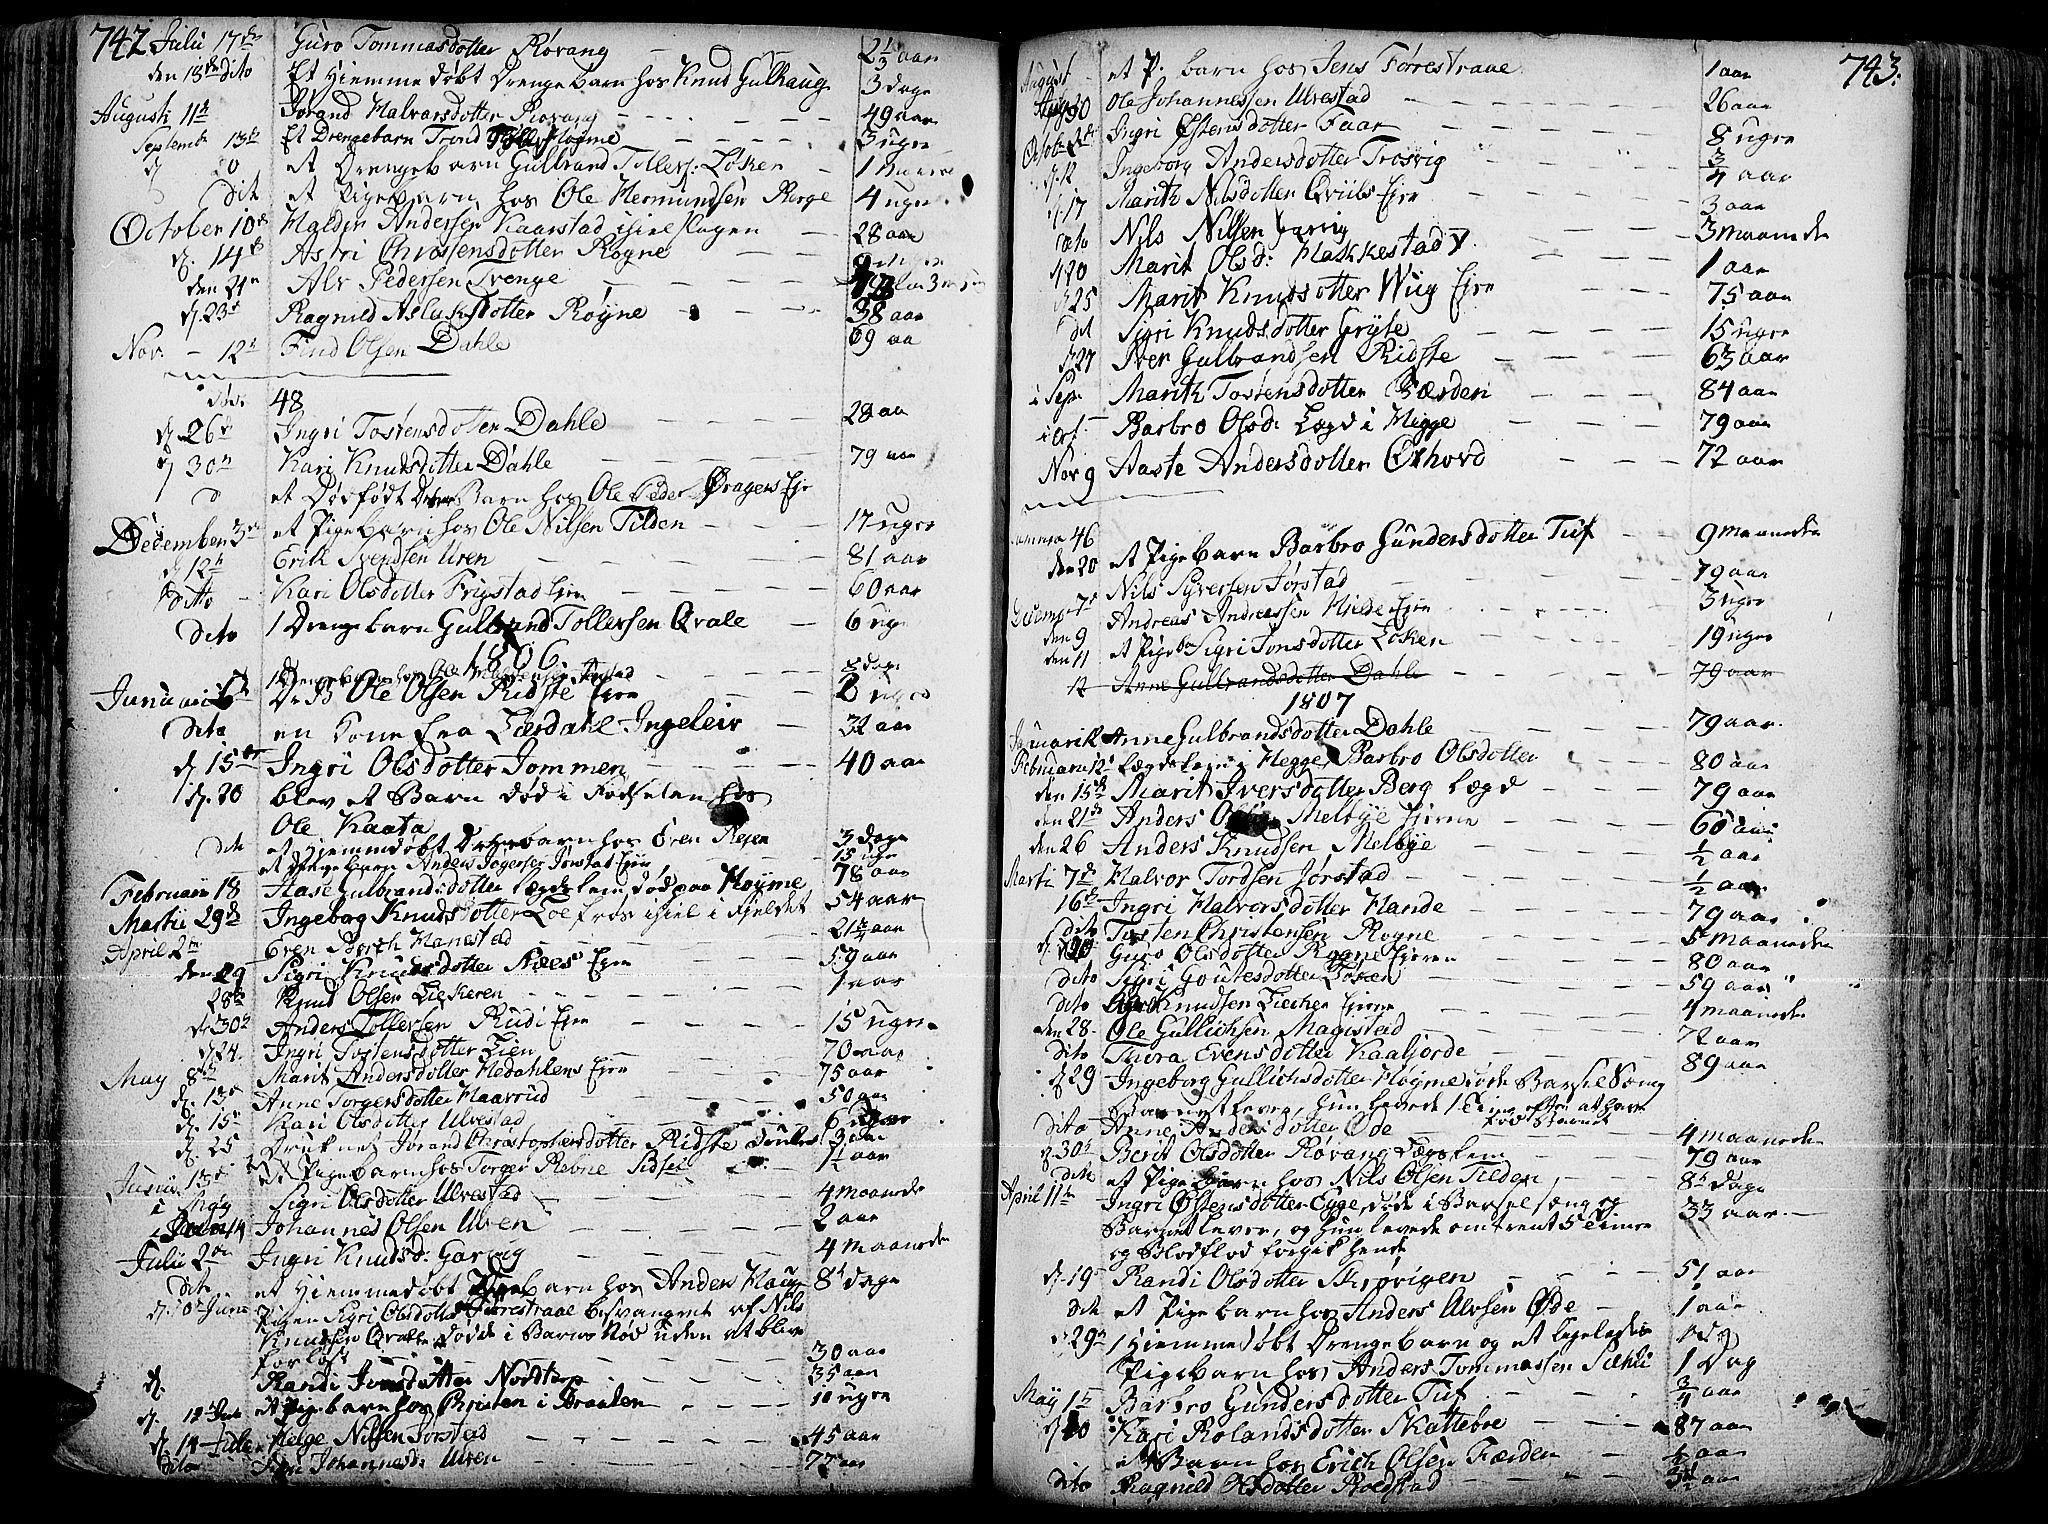 SAH, Slidre prestekontor, Ministerialbok nr. 1, 1724-1814, s. 742-743